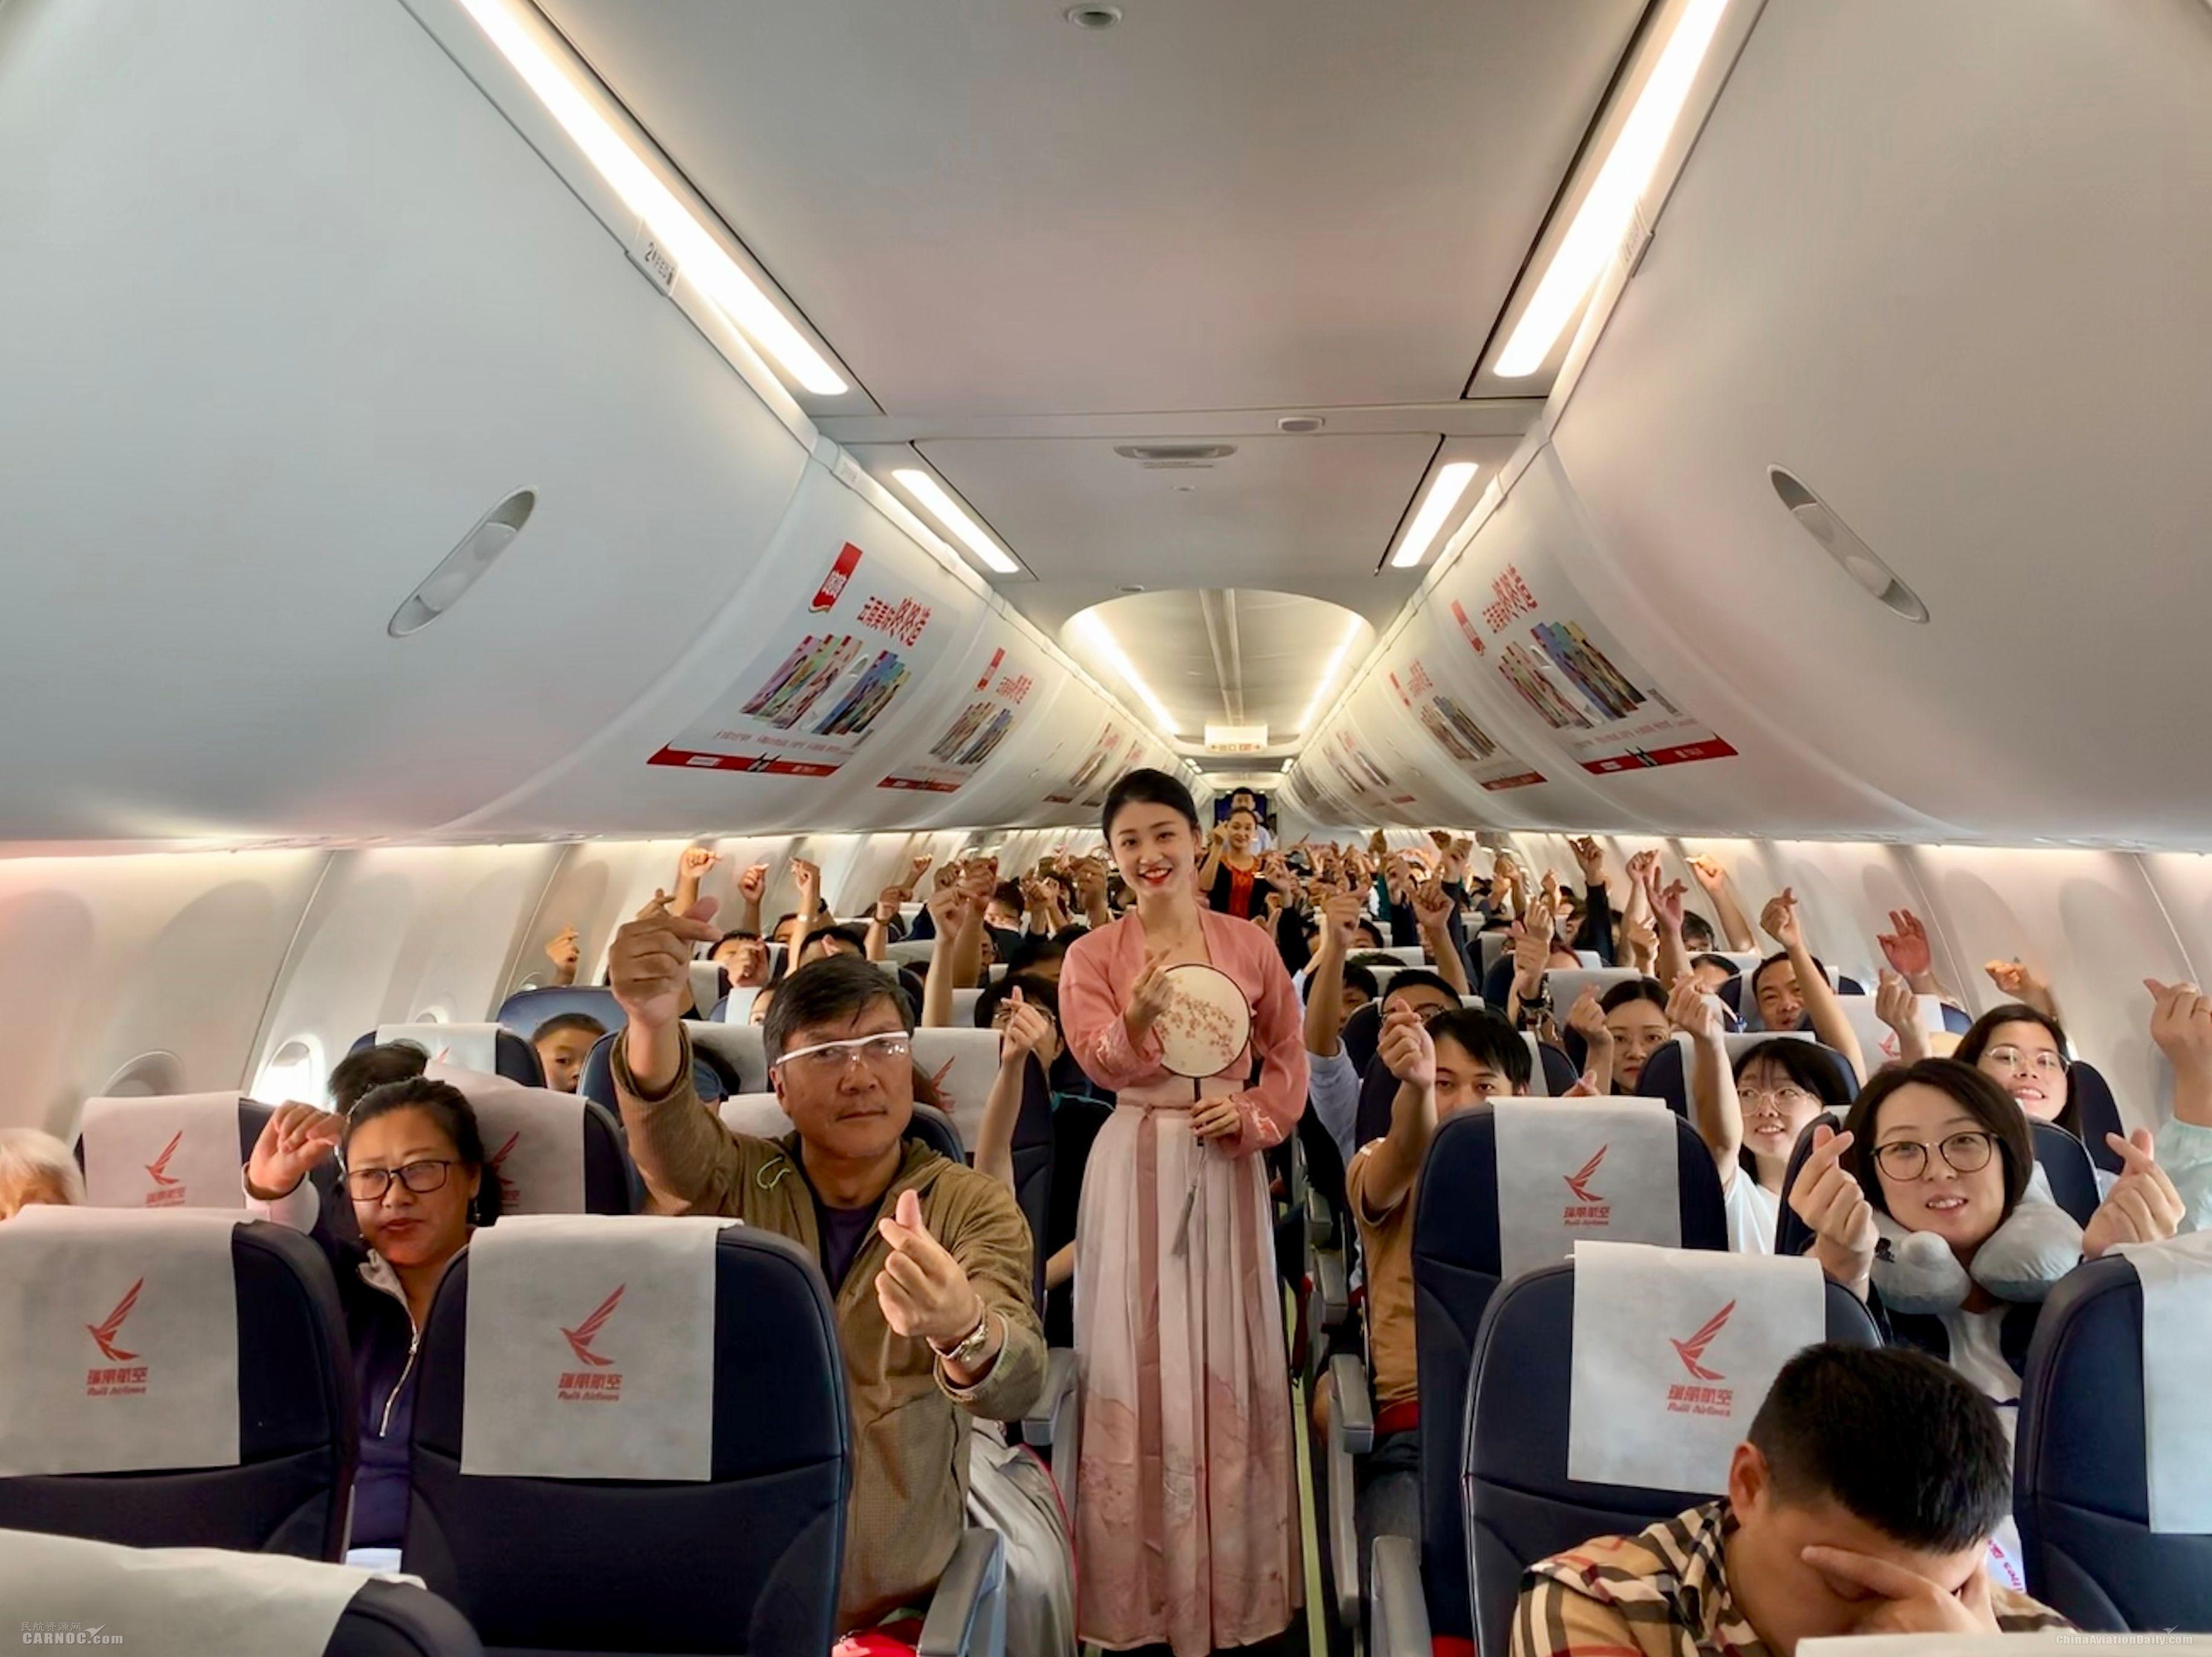 千里共婵娟 瑞丽航空中秋特色主题航班邀你回家团圆